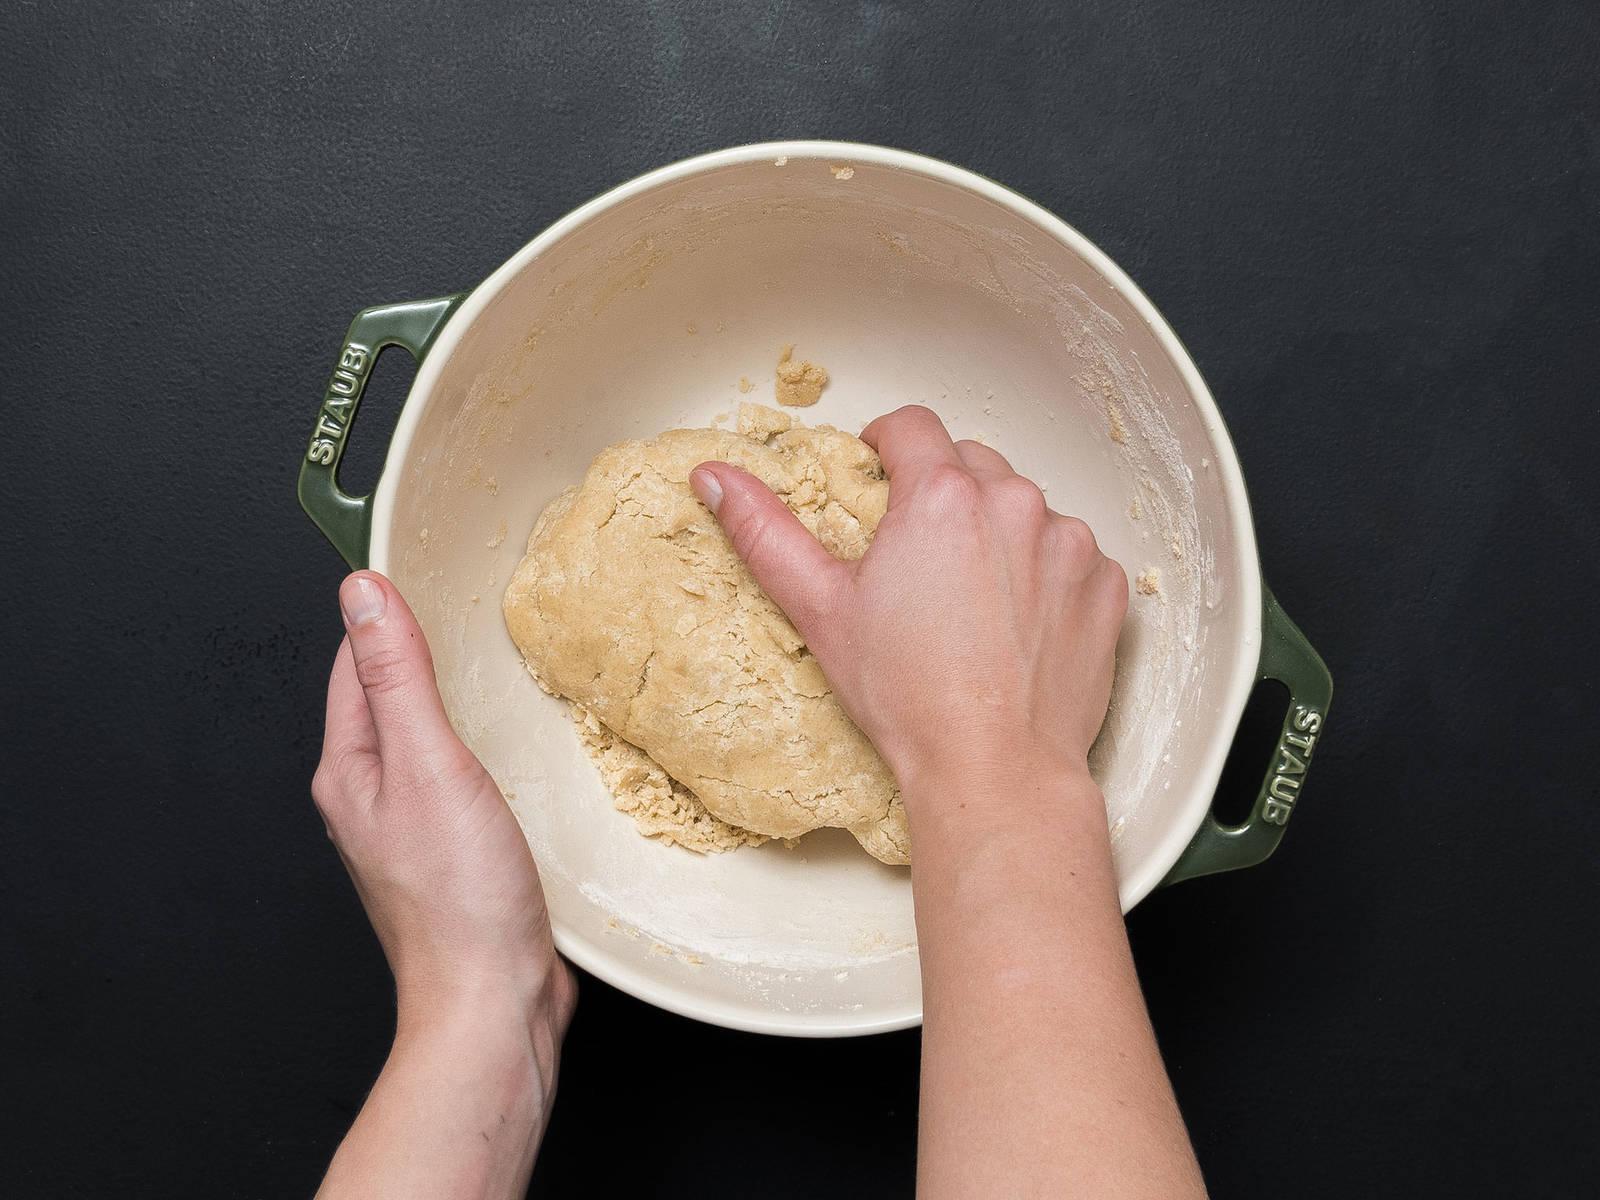 Butter, Zucker, das Mark einer Vanilleschote, Salz und Zimt in einer großen Schüssel schaumig schlagen. Anschließend Ei dazugeben und vermengen. Mehl dazugeben und mit den Händen zu einem glatten Teig kneten. Teig in Frischhaltefolie einpacken und für ca. 60 Min. im Kühlschrank ruhen lassen.